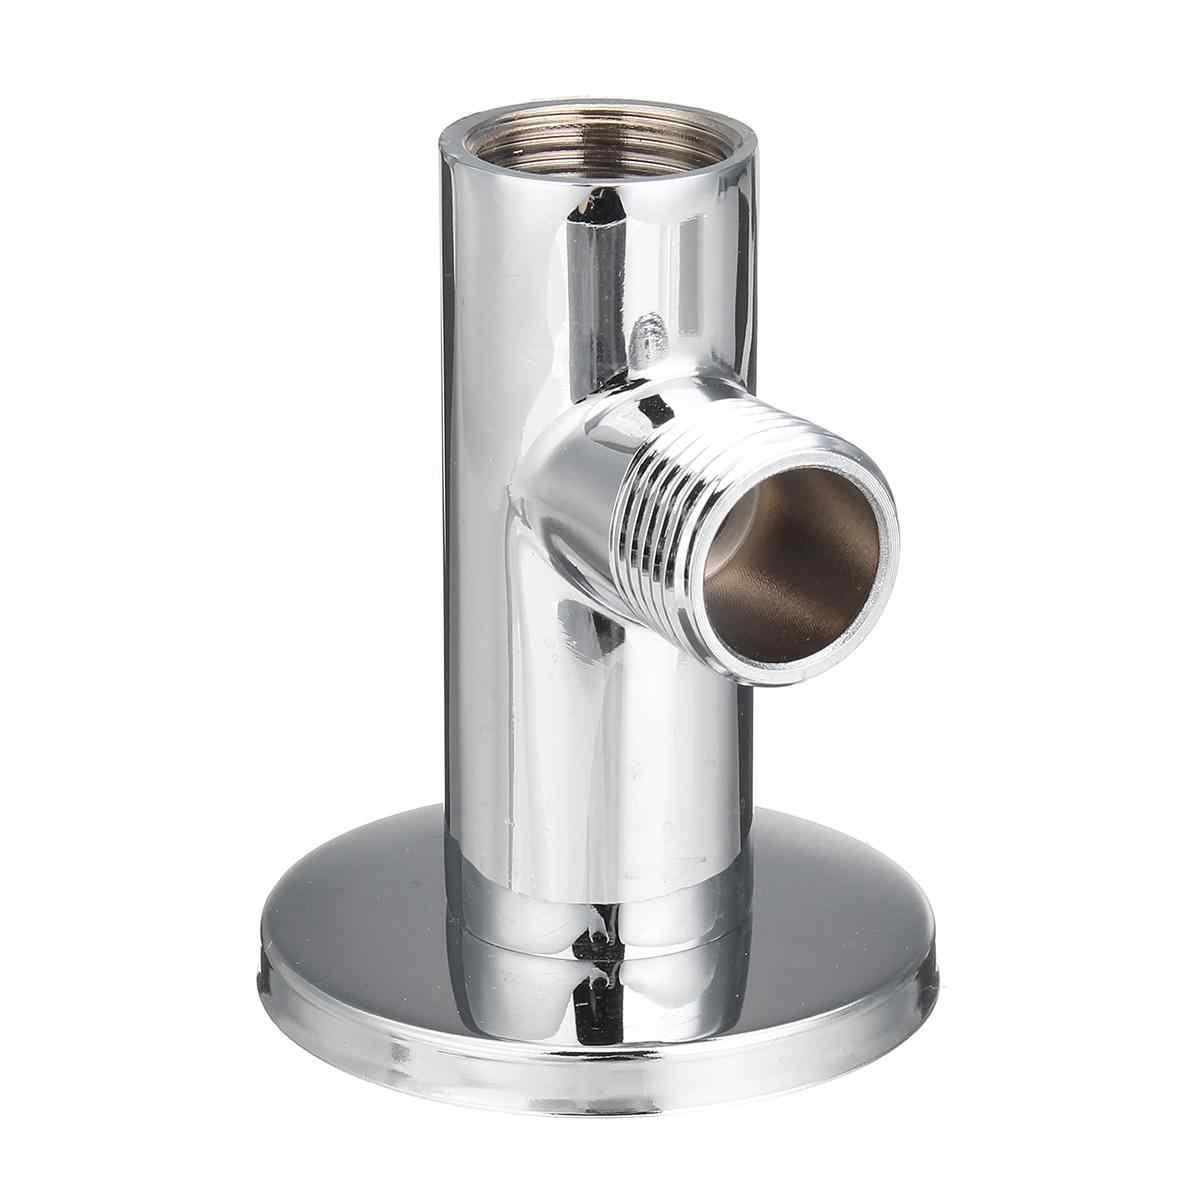 """Brazo de extensión de ducha montado en la pared de 49cm G1/2 """", tubo Extra en ángulo, manguera de acero inoxidable para ducha de lluvia, accesorios de baño"""